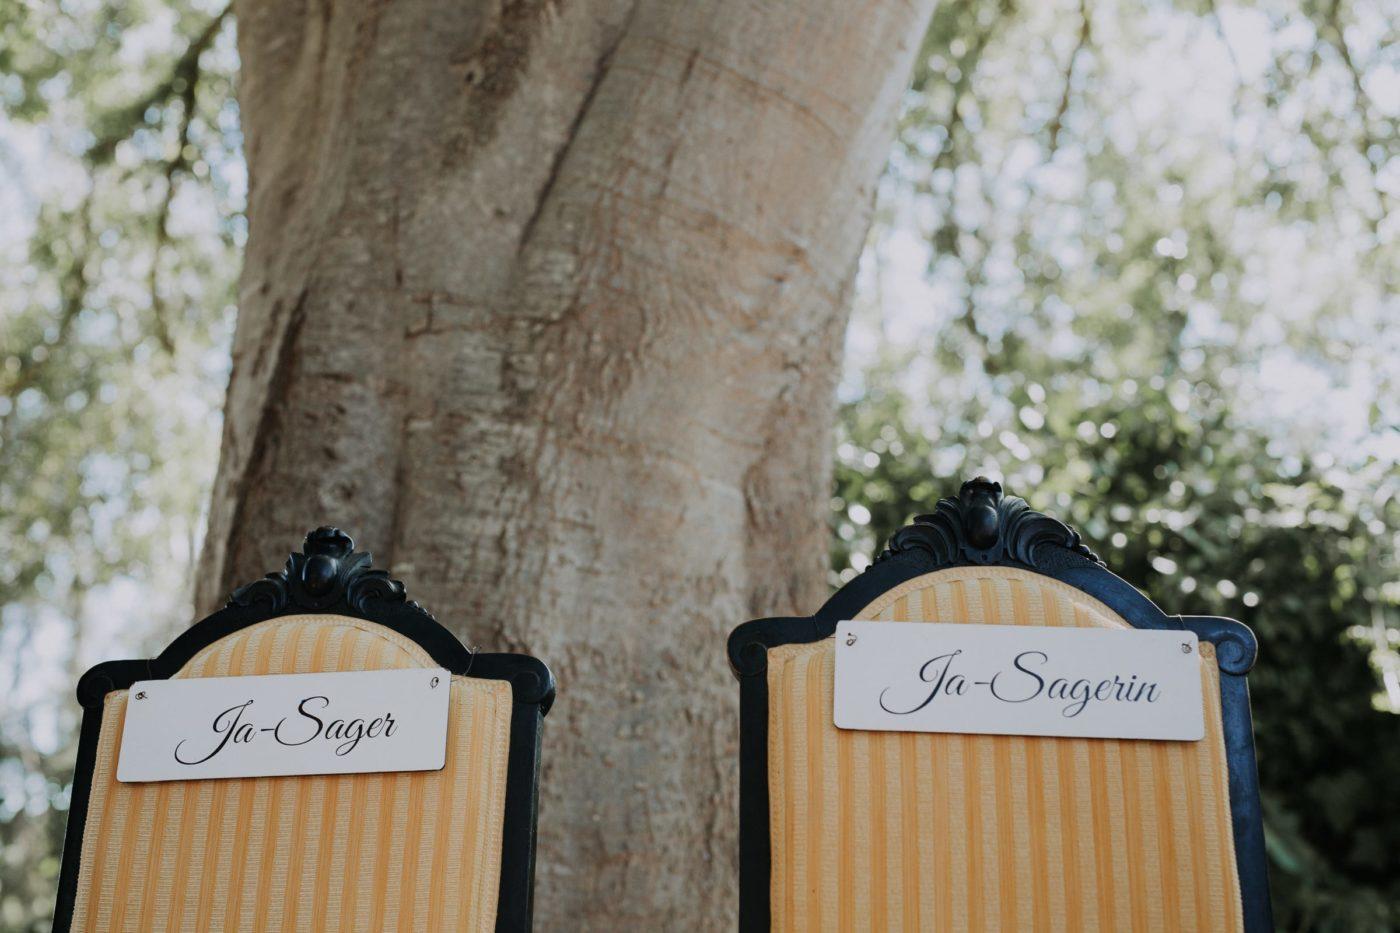 Foto von den Brautpaarstühlne unter einem Baum.